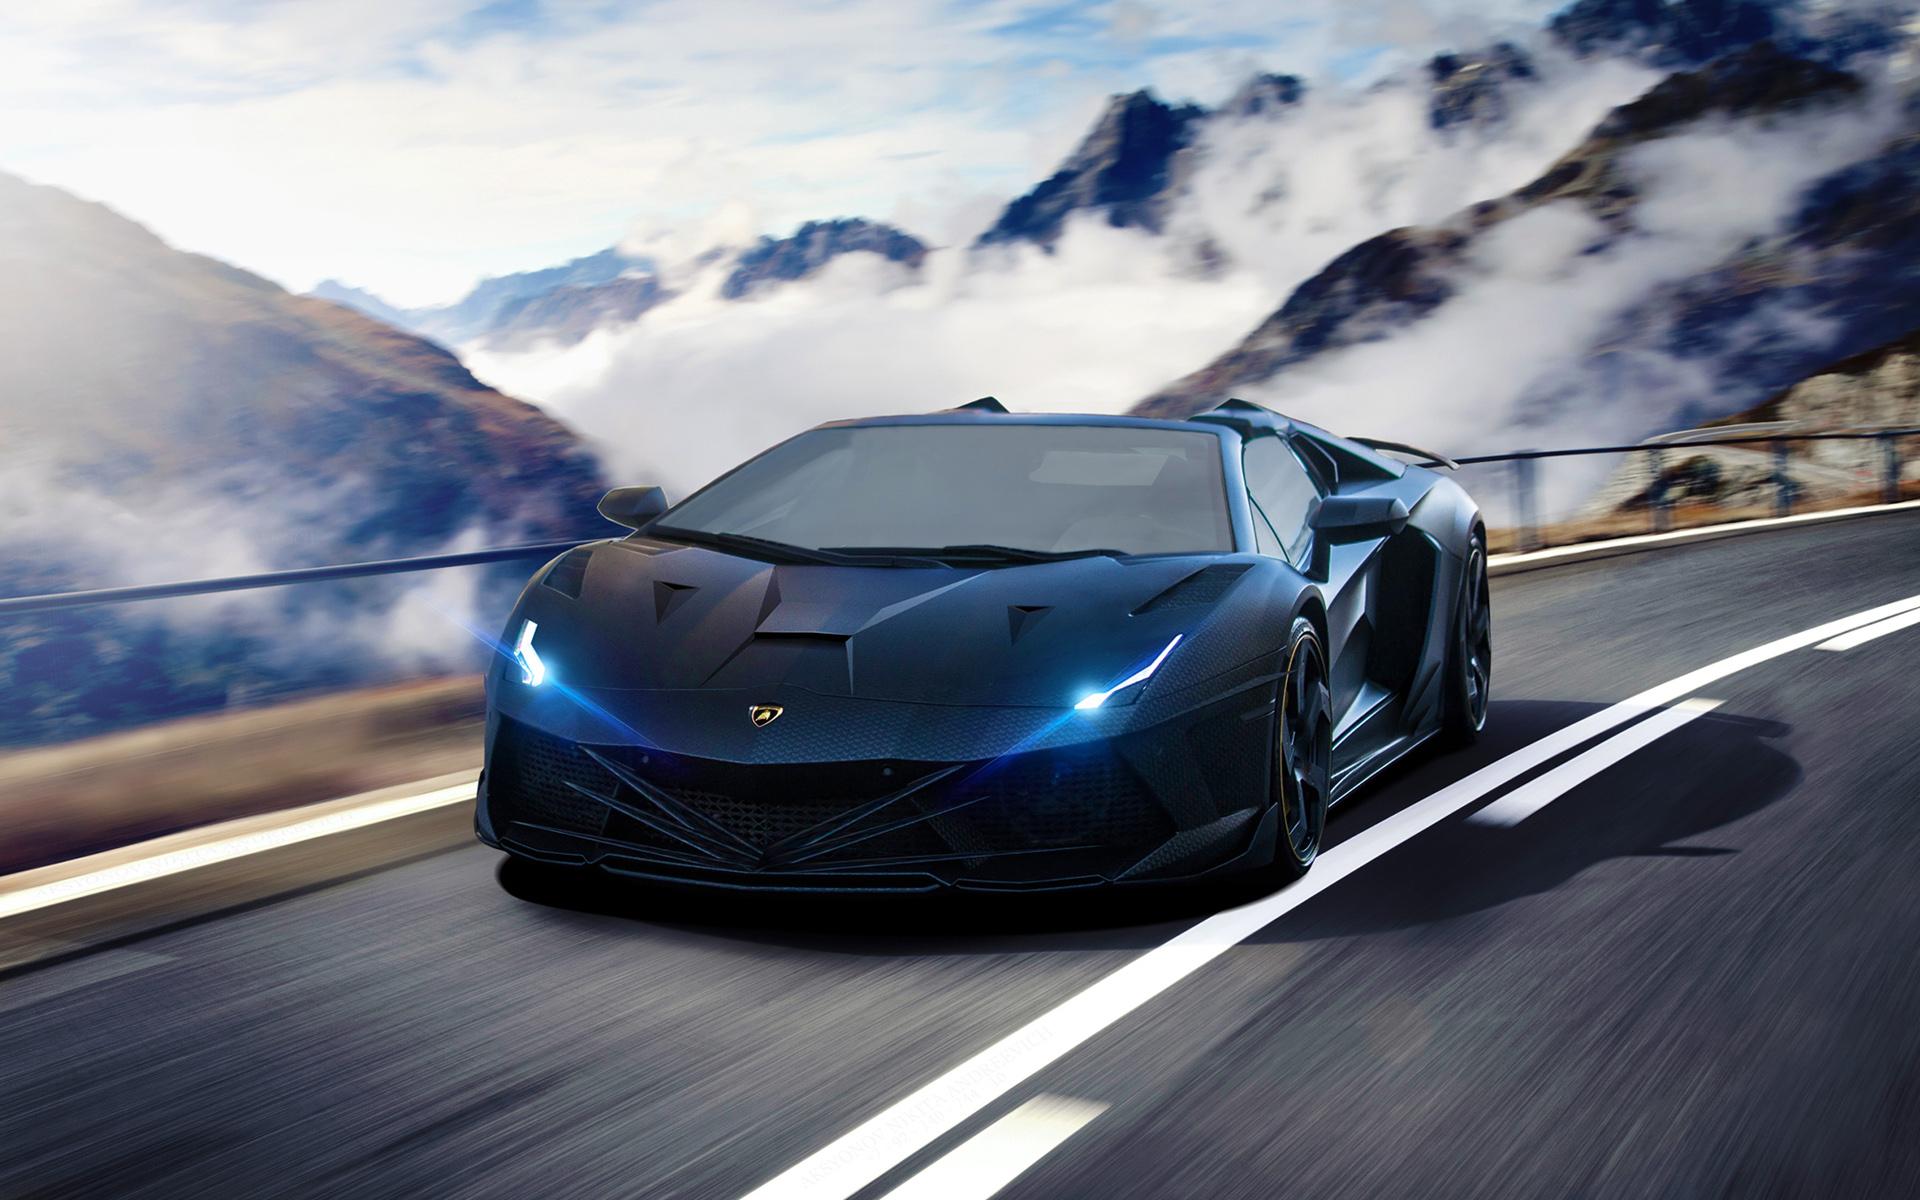 Lamborghini Car Wallpaper Desktop Lamborghini Aventador Supercar Wallpaper Hd Car